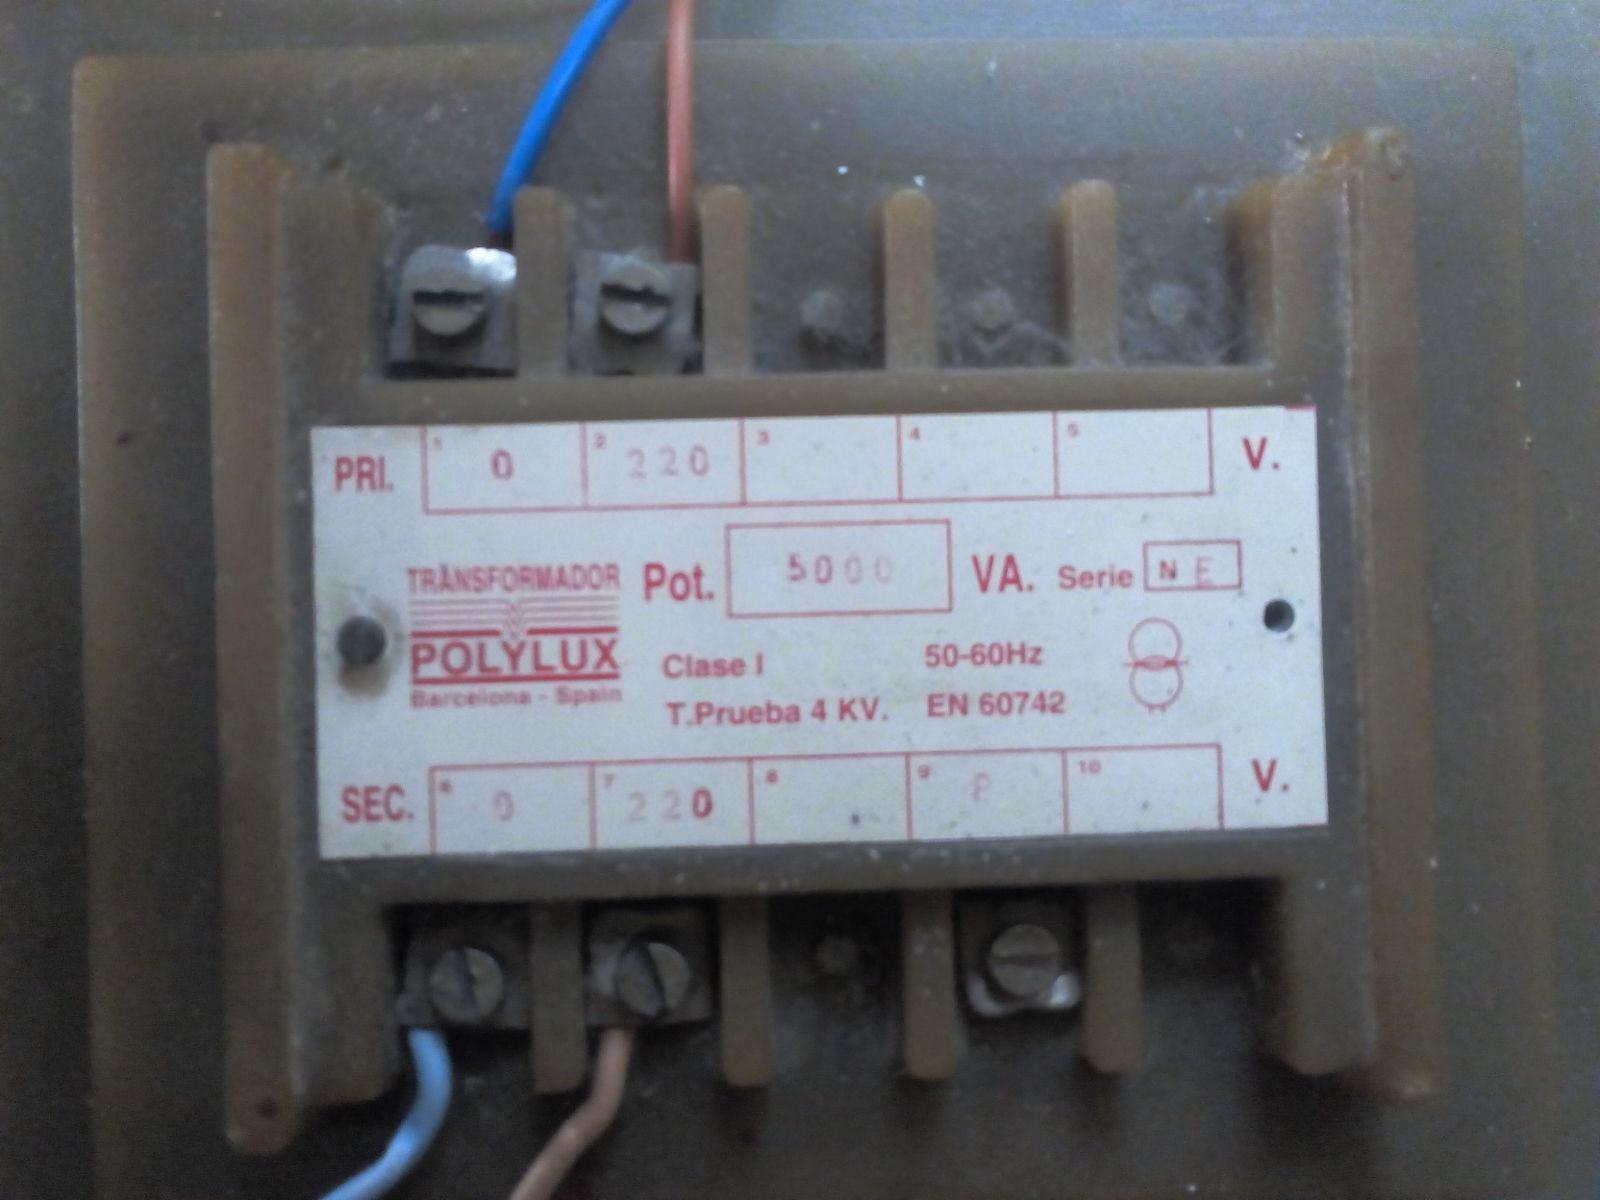 Transformador de aislamiento AC Edwards Audio ISO1: La lámpara de Aladino 2cd7bea